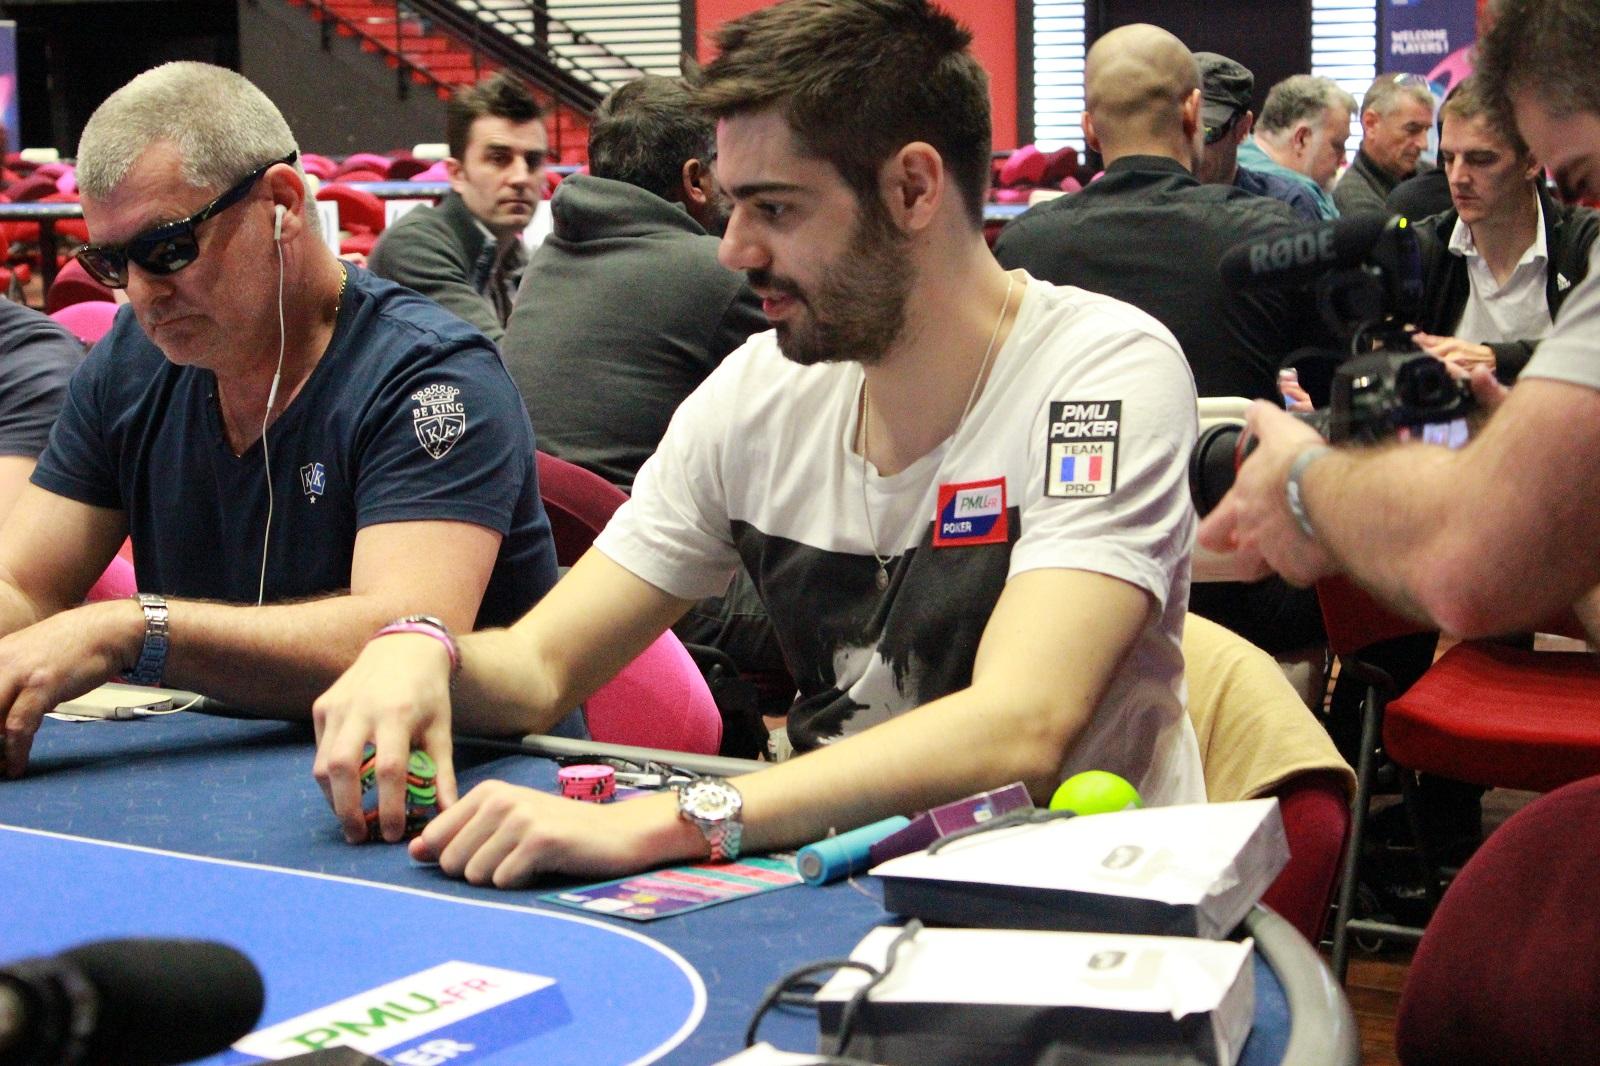 Fpo lgm yoh viral l 39 curie blog poker de pmu poker for Chaise yoh viral